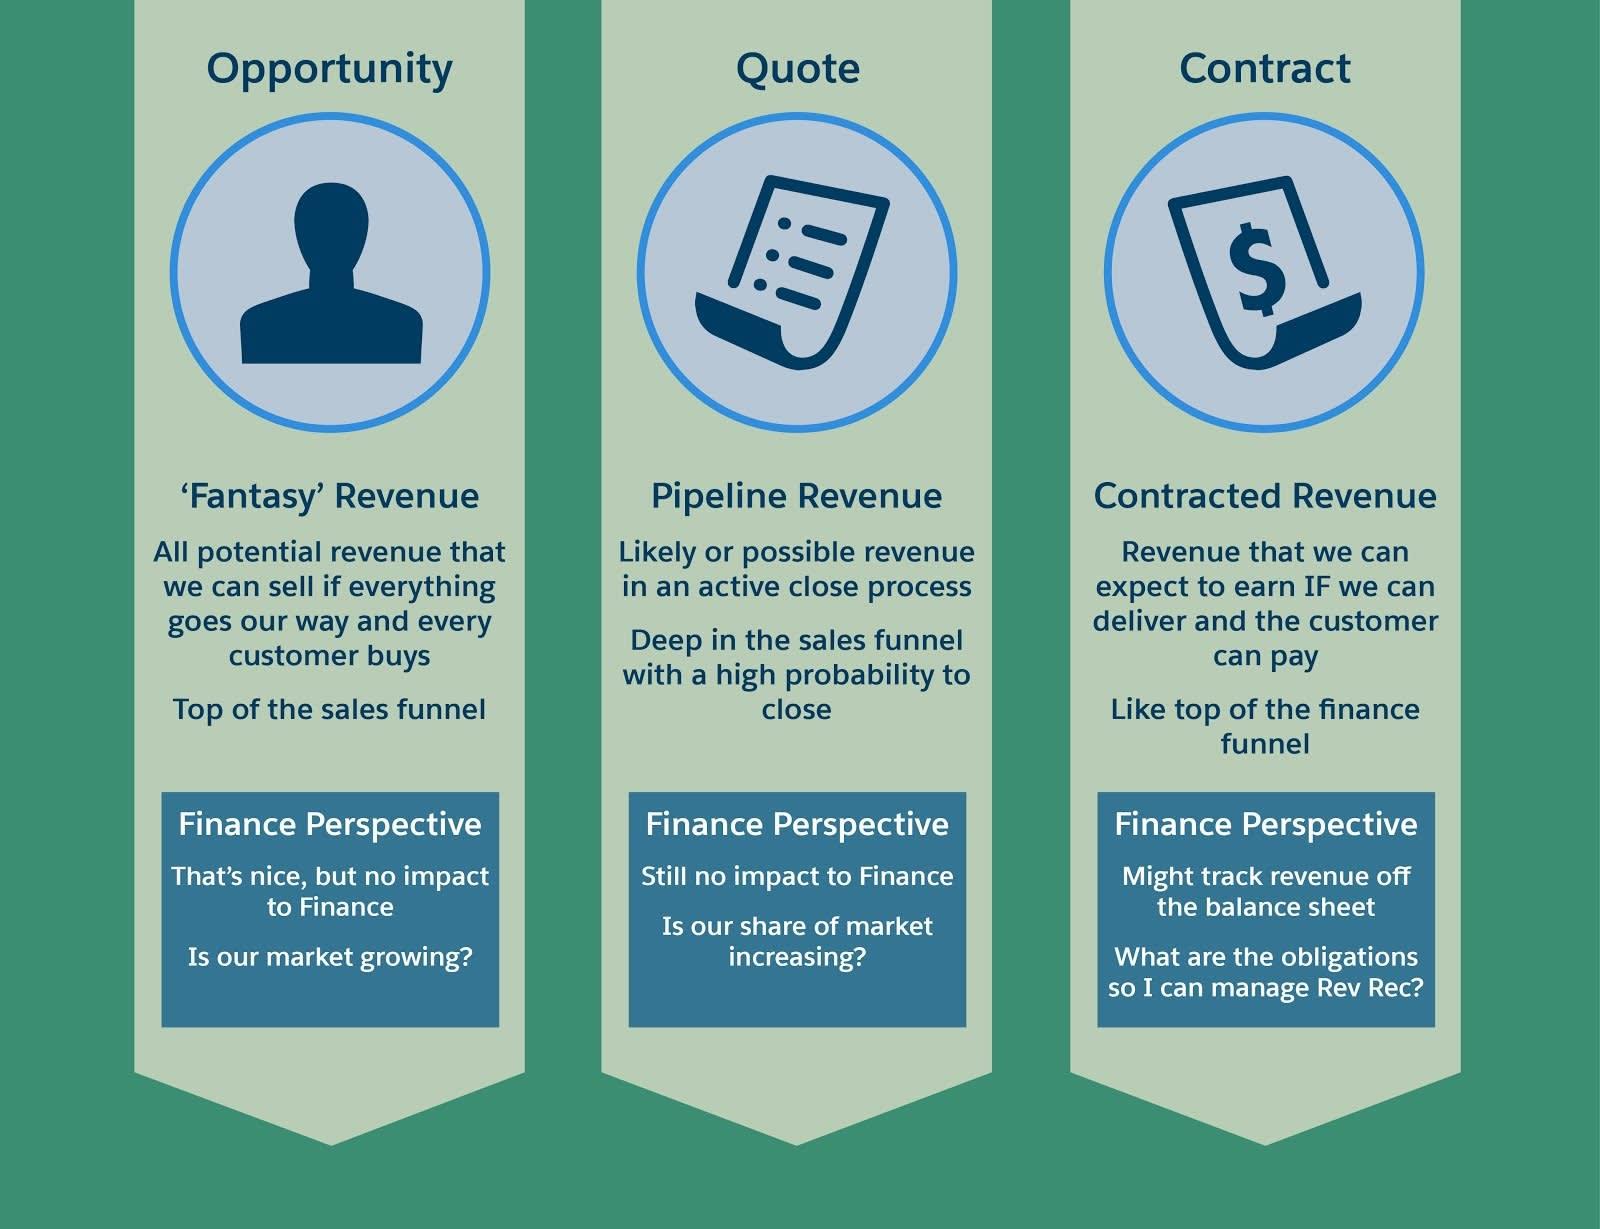 Üblicherweise sind die Verkaufsphasen wie Opportunity, Angebot und Vertrag durch die Siloorganisation vom Finanzbereich getrennt.